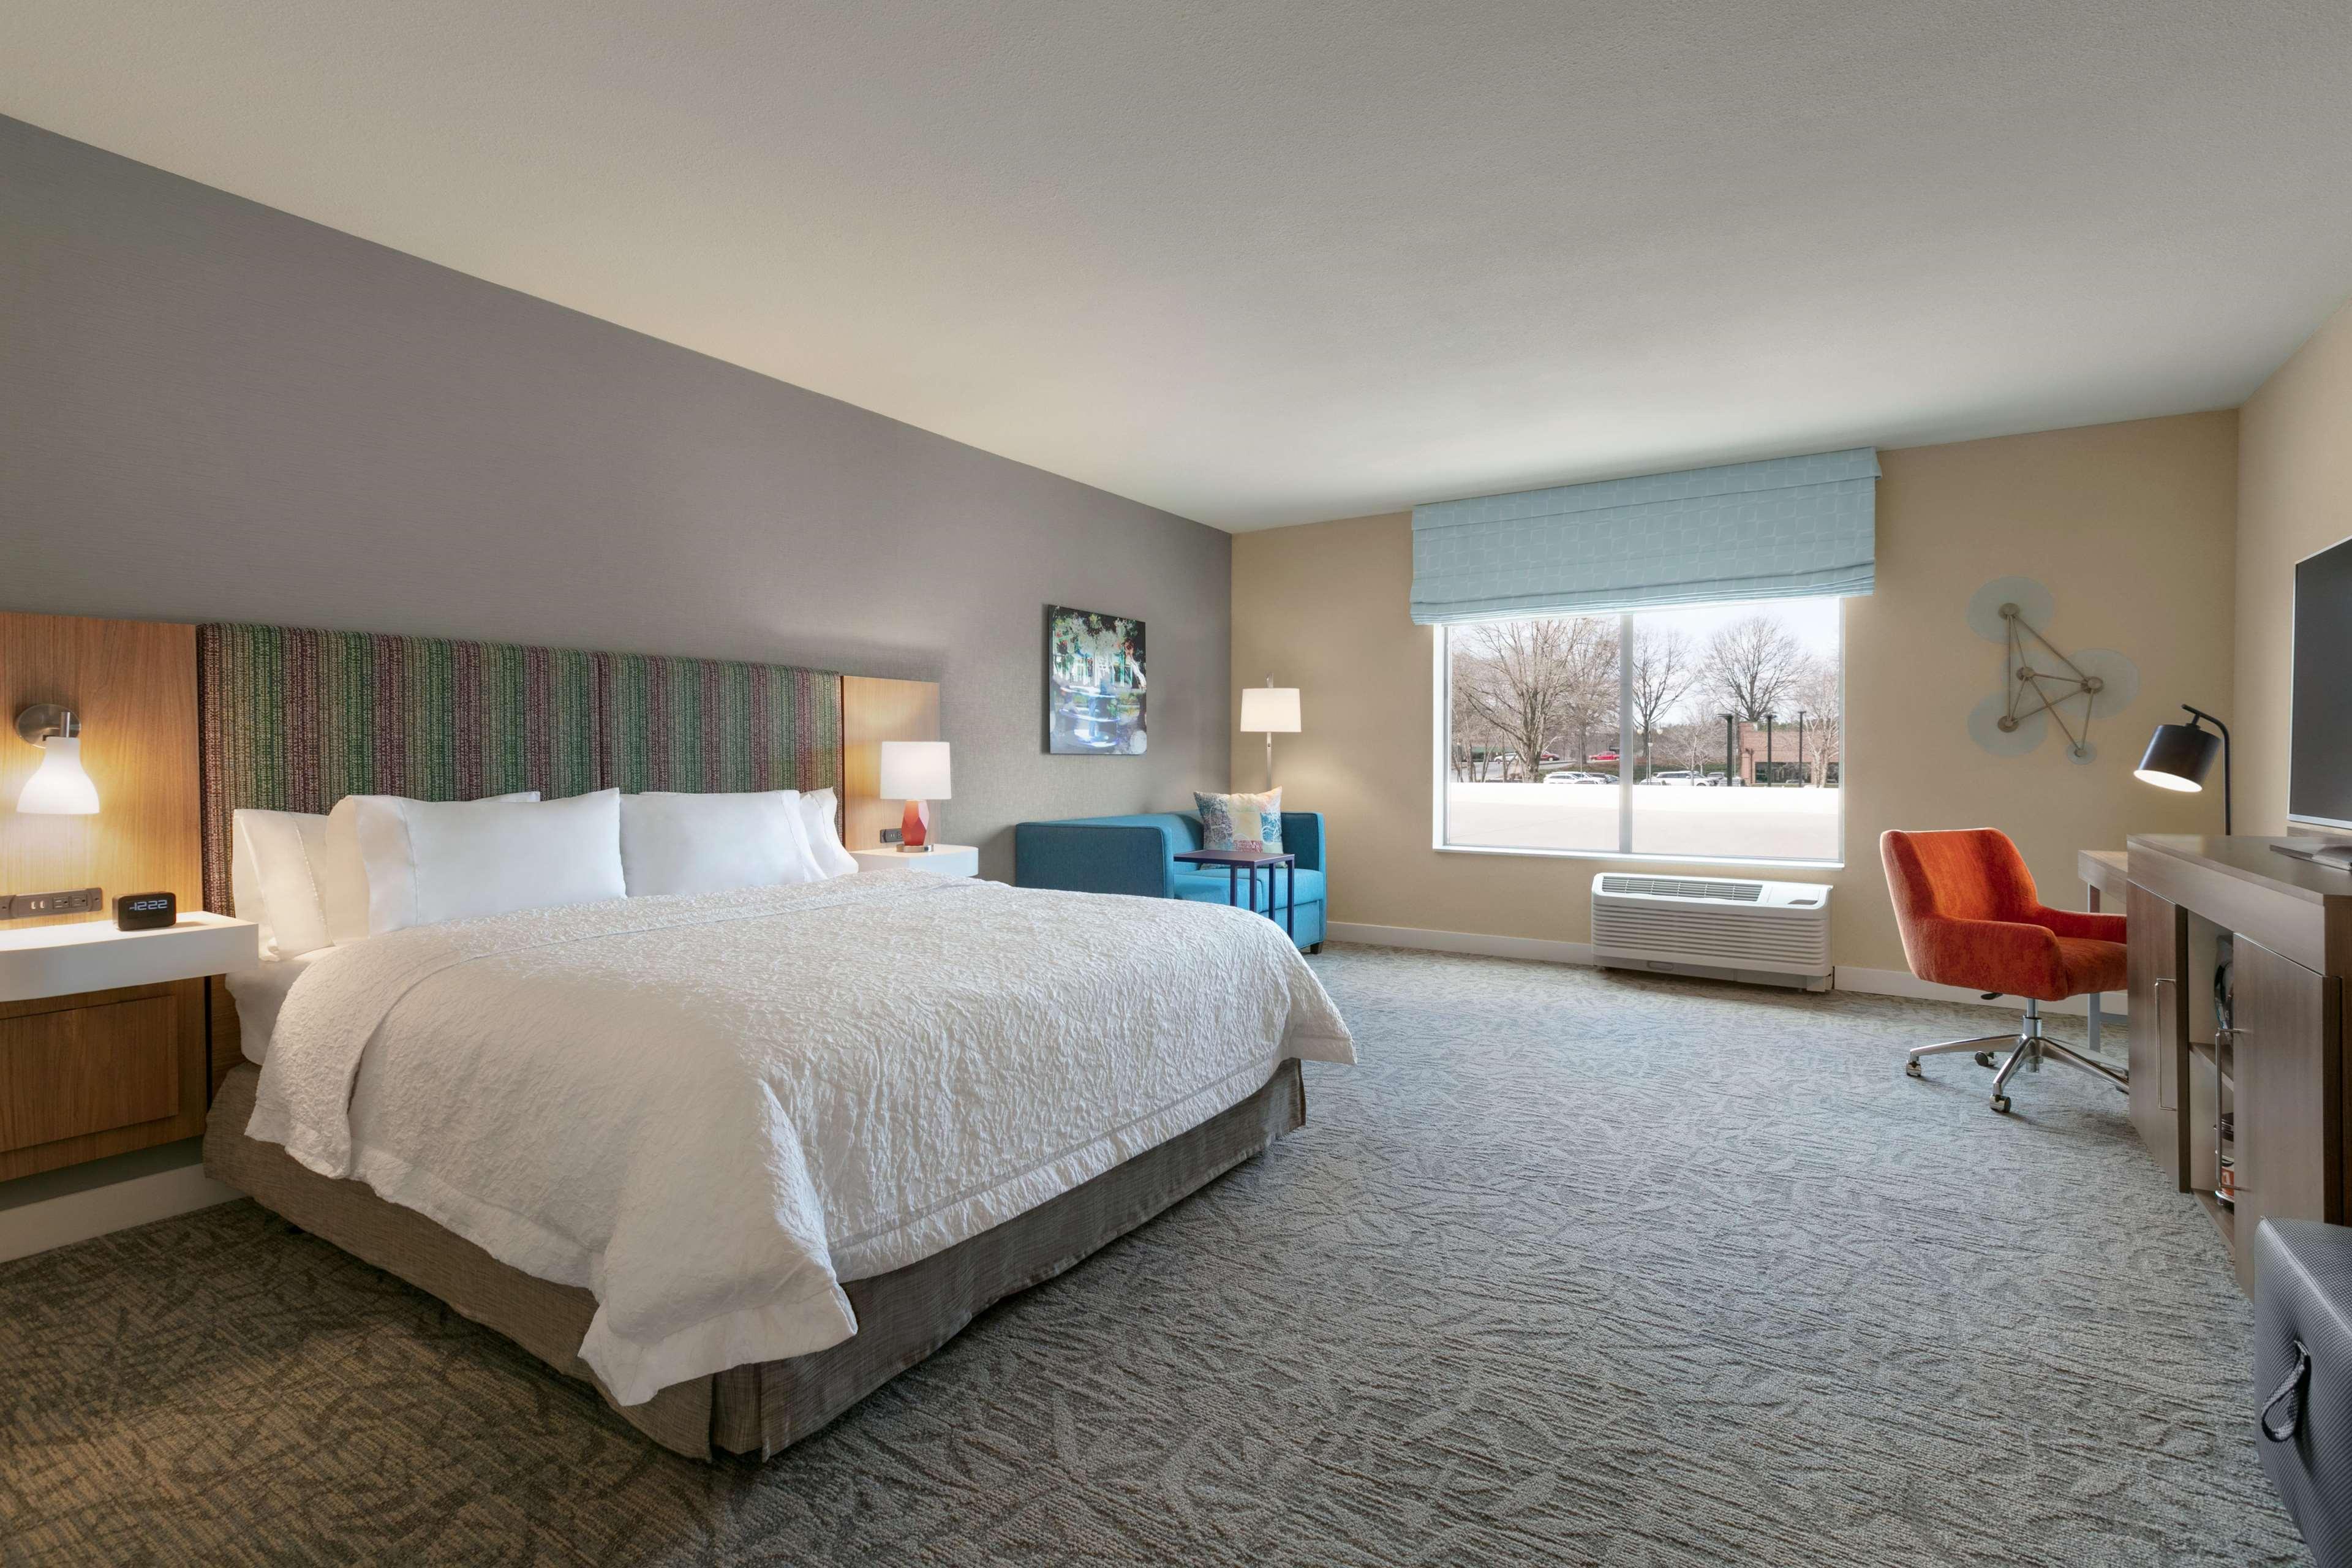 Hampton Inn and Suites Johns Creek image 35